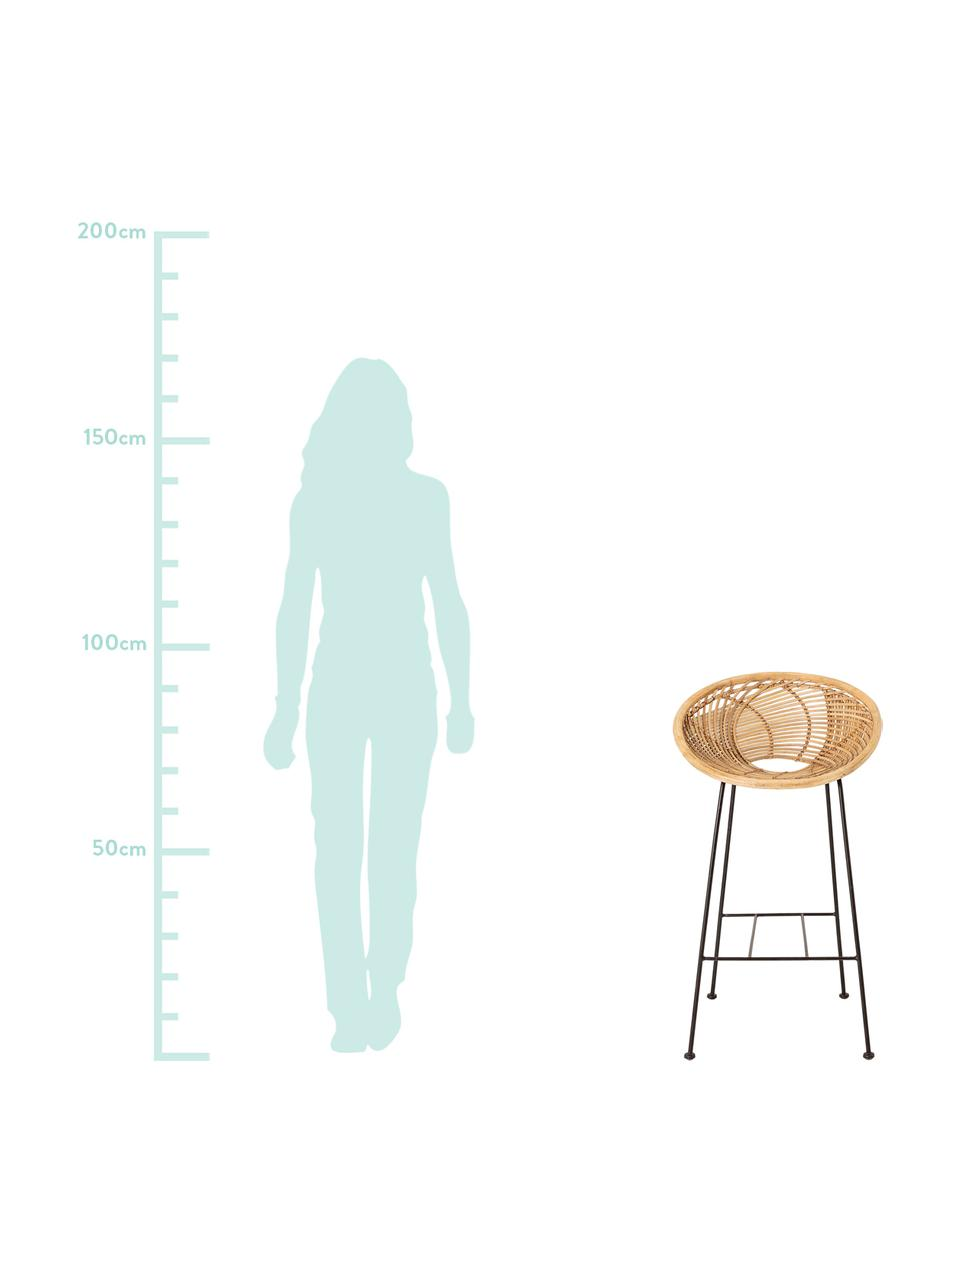 Rattan-Barstuhl Yonne, Sitzfläche: Rattan, Gestell: Metall, beschichtet, Rattan, Schwarz, 52 x 94 cm